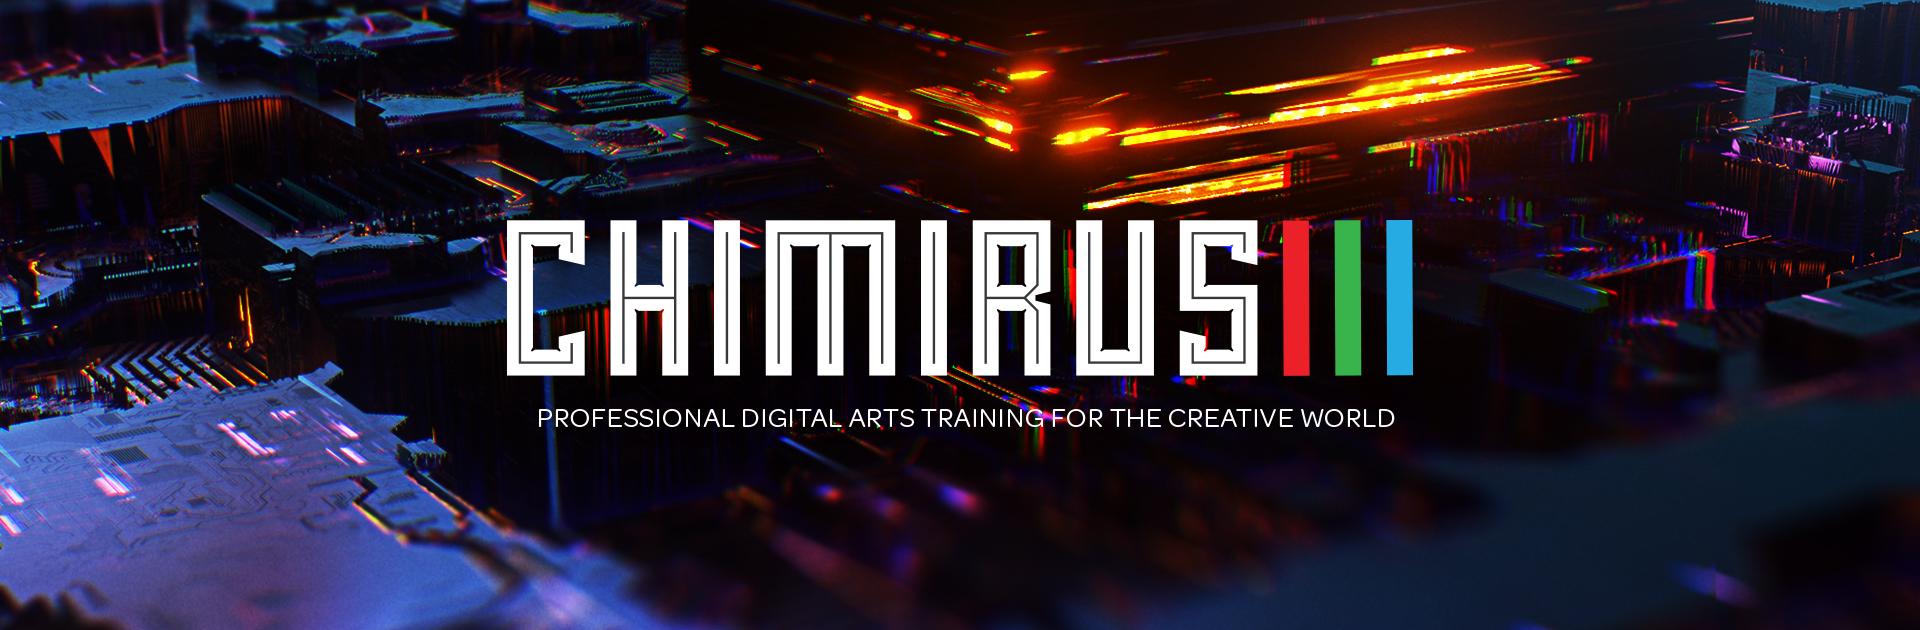 Chimirus_Web_Banner2.jpg